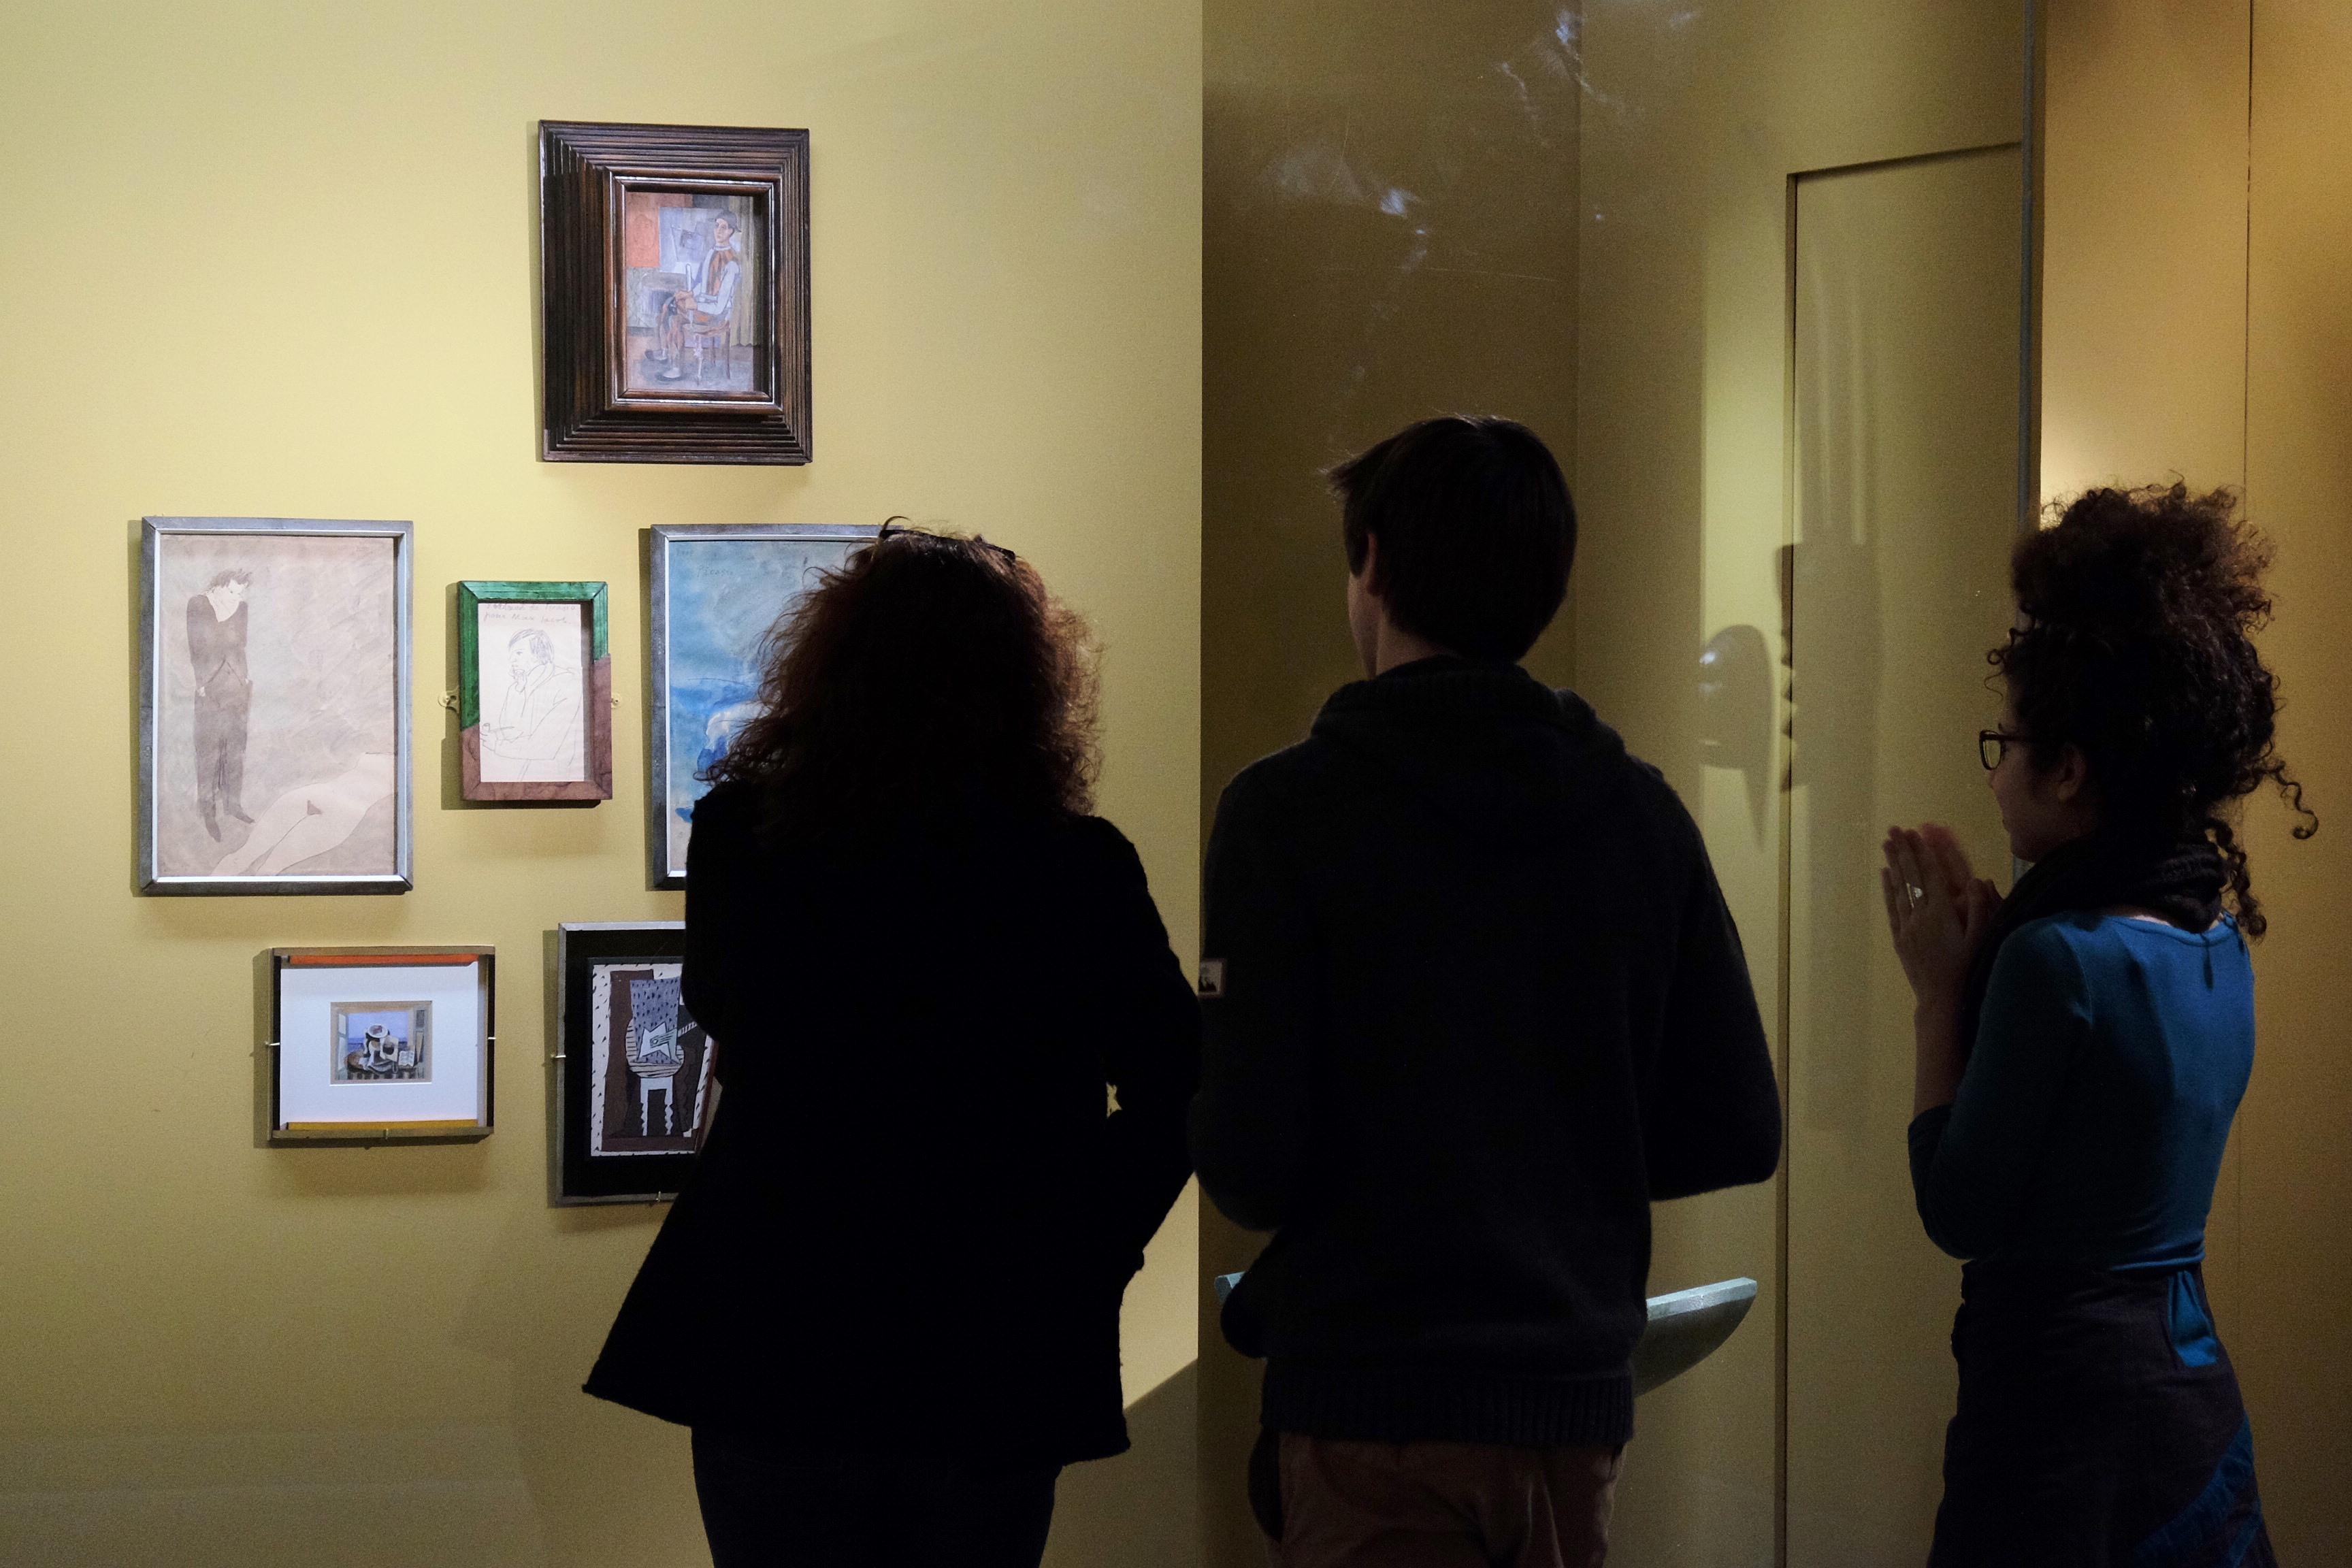 Picasso : Autoportrait_Le couple_Rêverie_Arlequin assis_Nature morte à la guitare devant la fenêtre ouverte_Nature morte cubiste